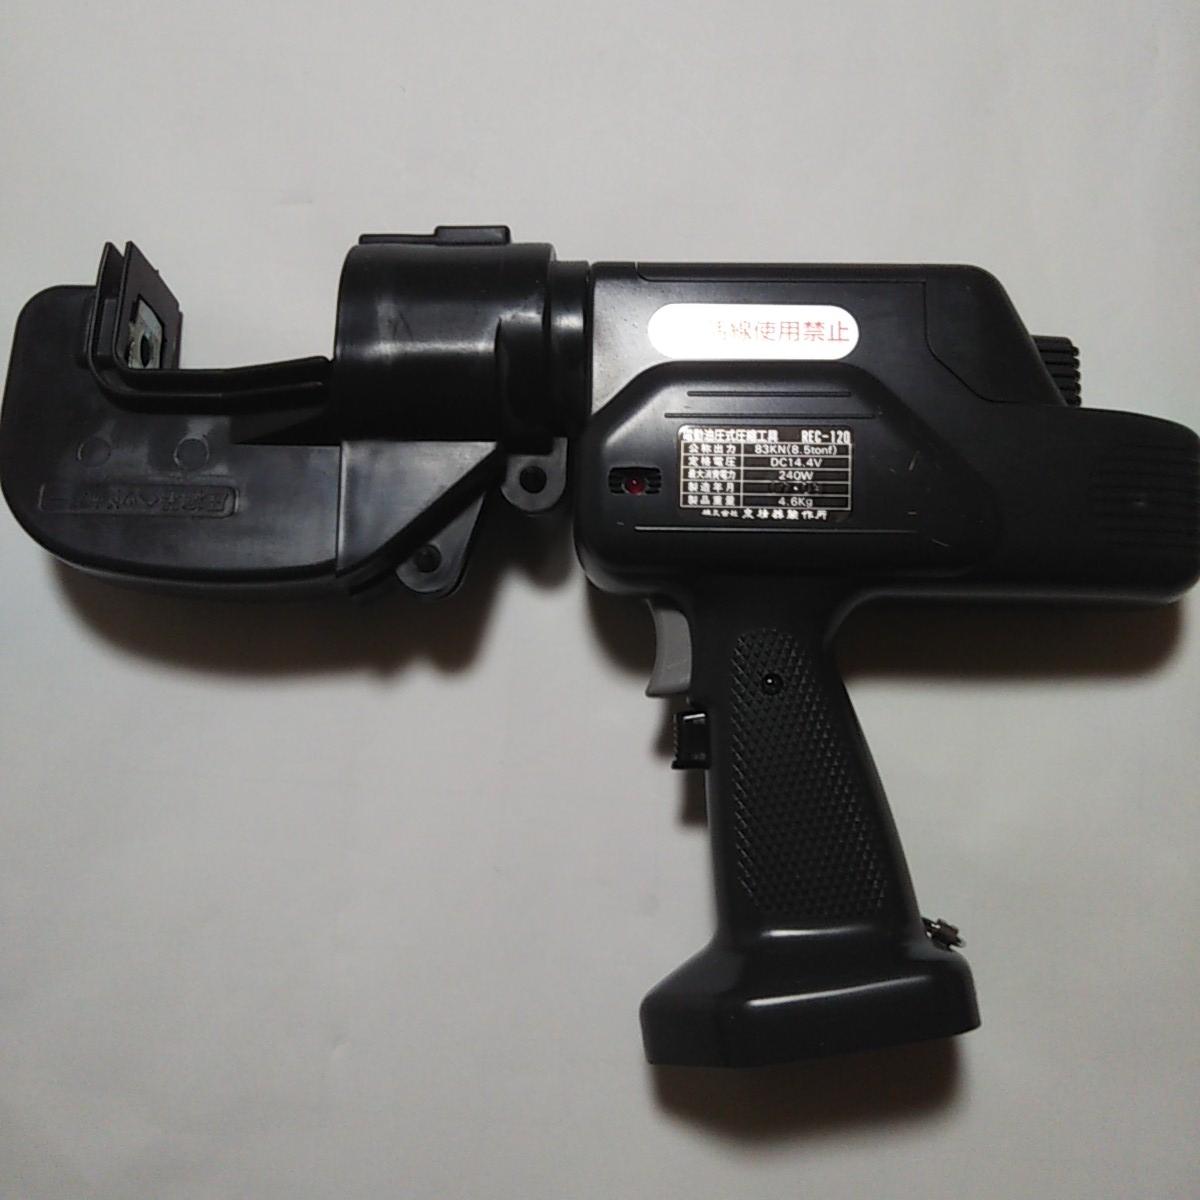 泉精器 電動油圧式圧縮工具 REC 120